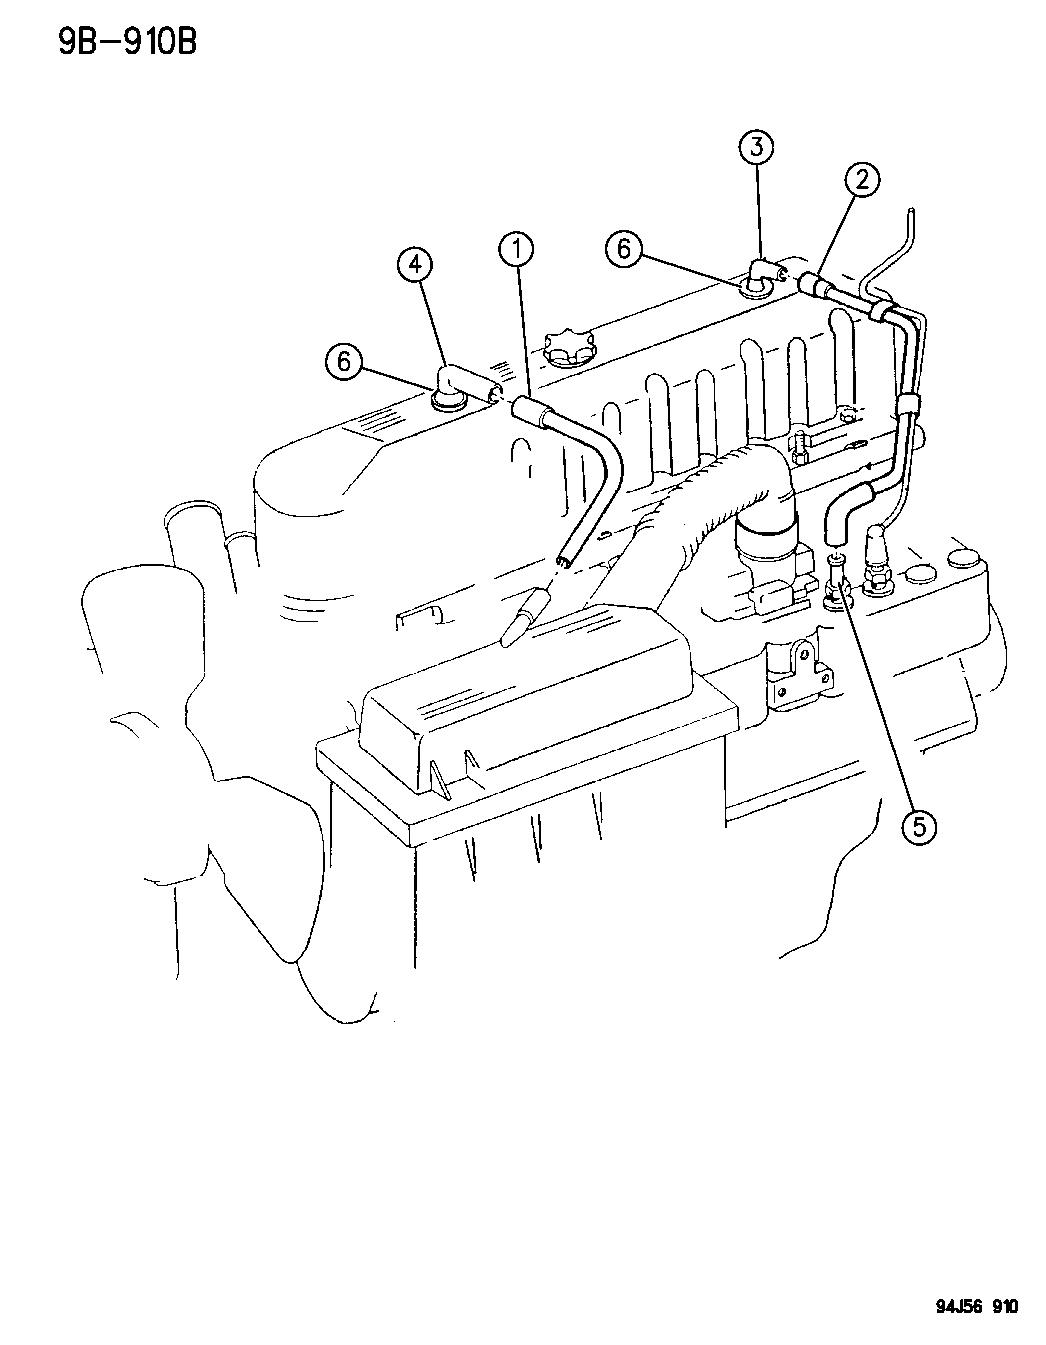 53030726 - Genuine Mopar Harness A-assy